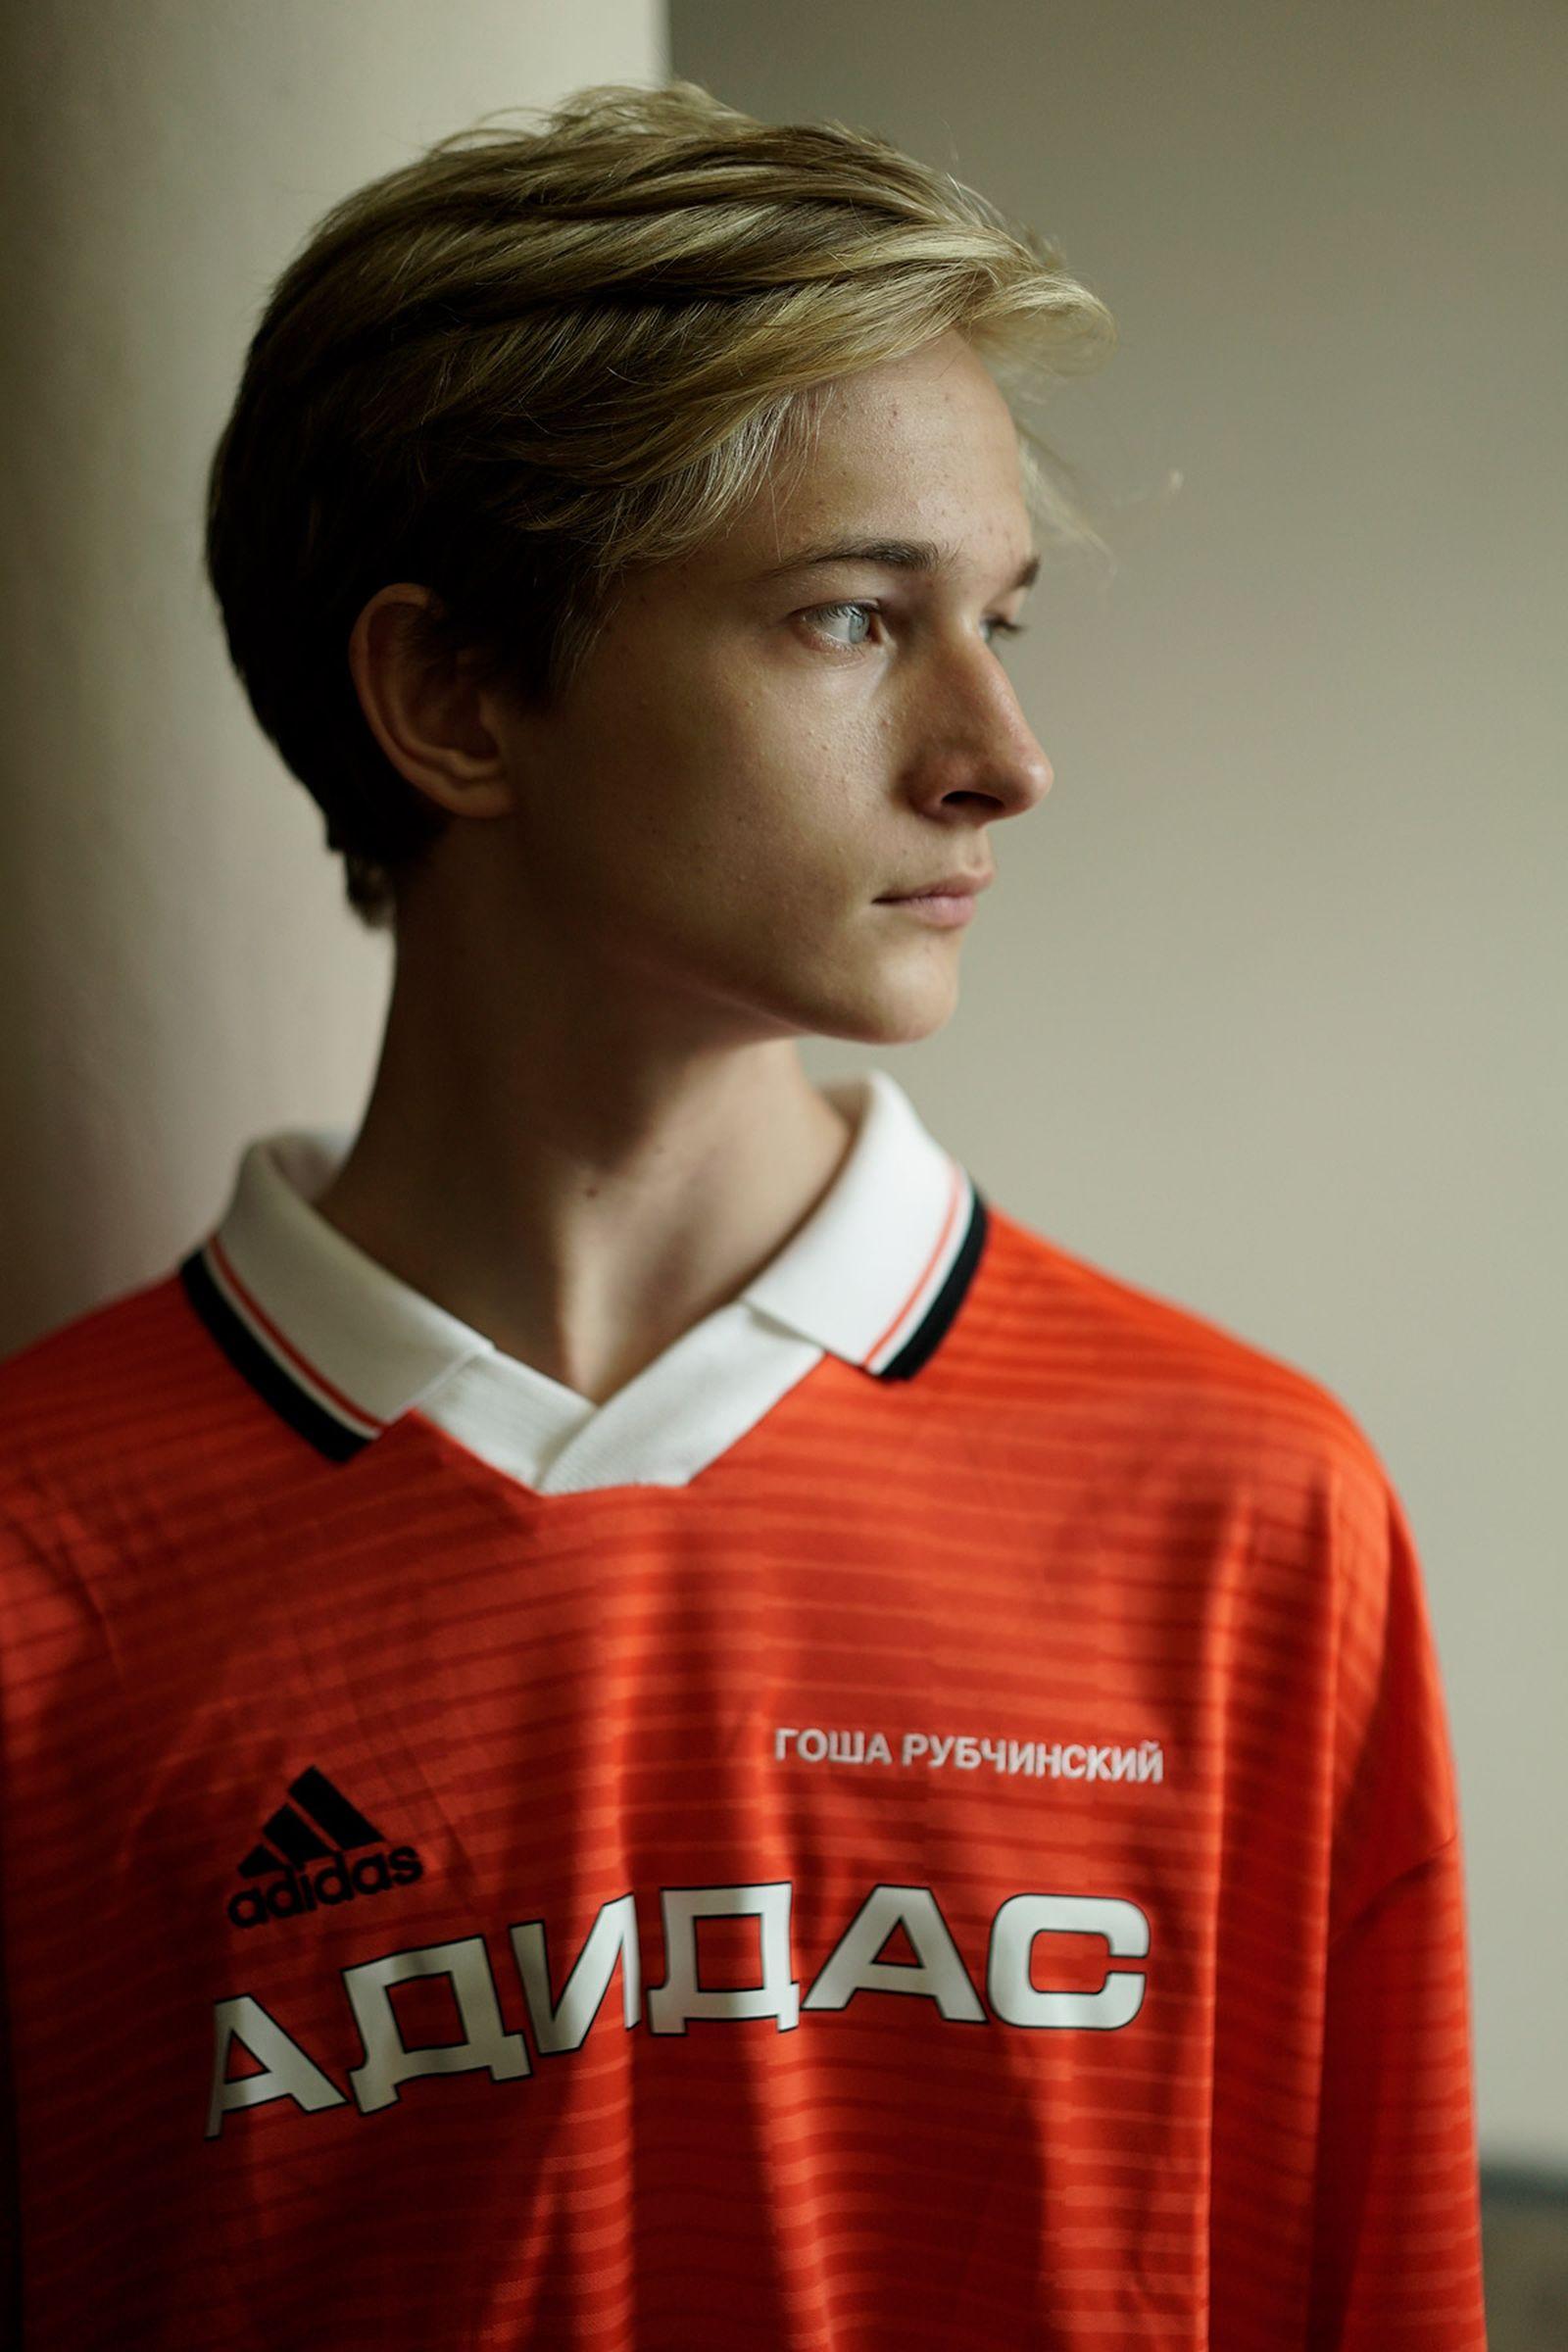 adidas-football-gosha-rubchinskiy-streetwear-09